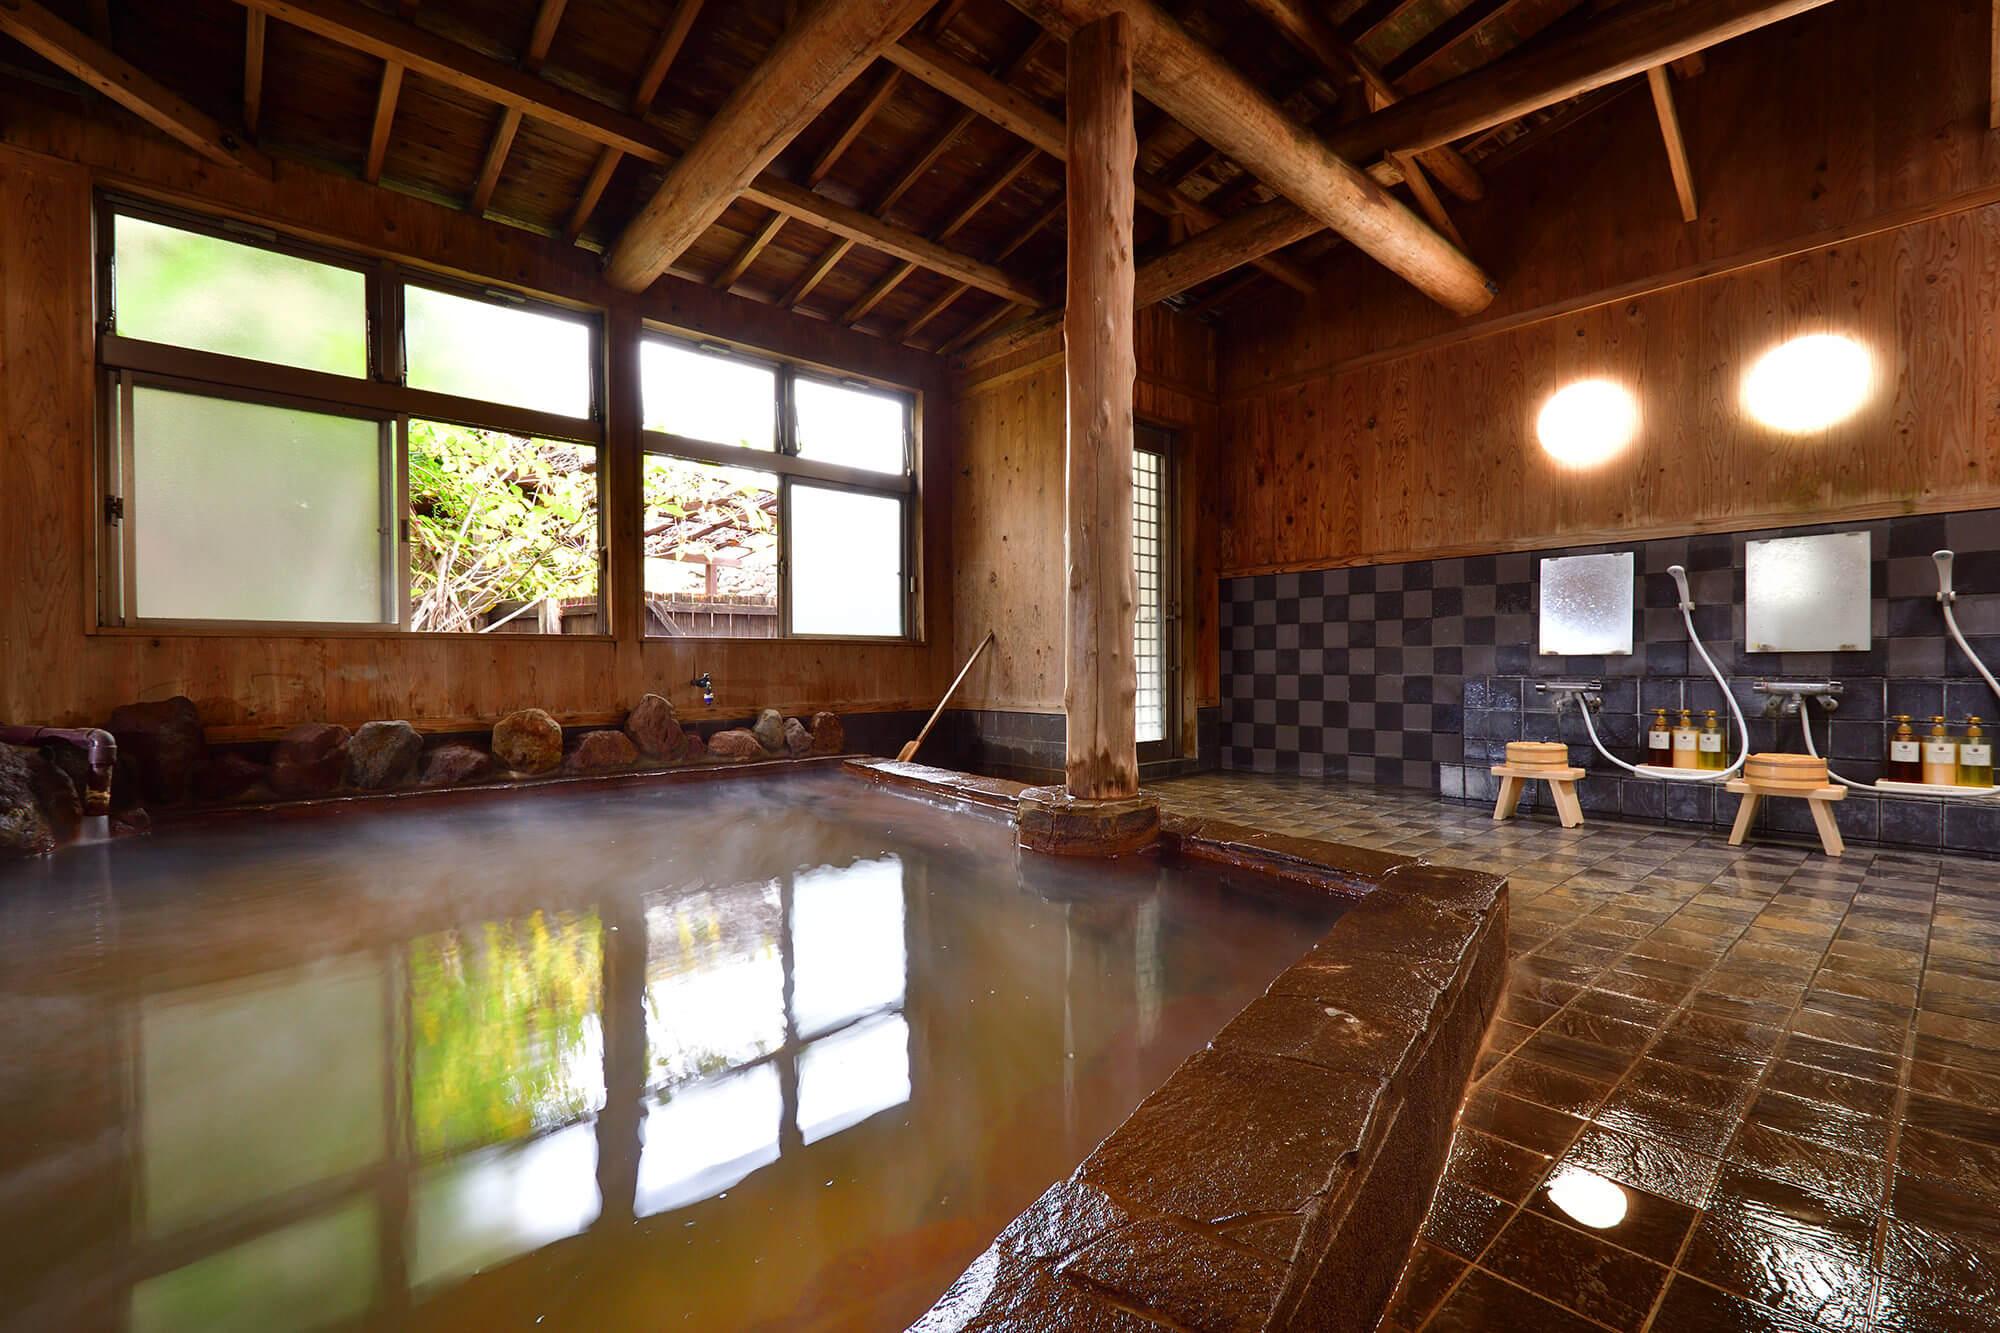 露天風呂付き大浴場の内湯